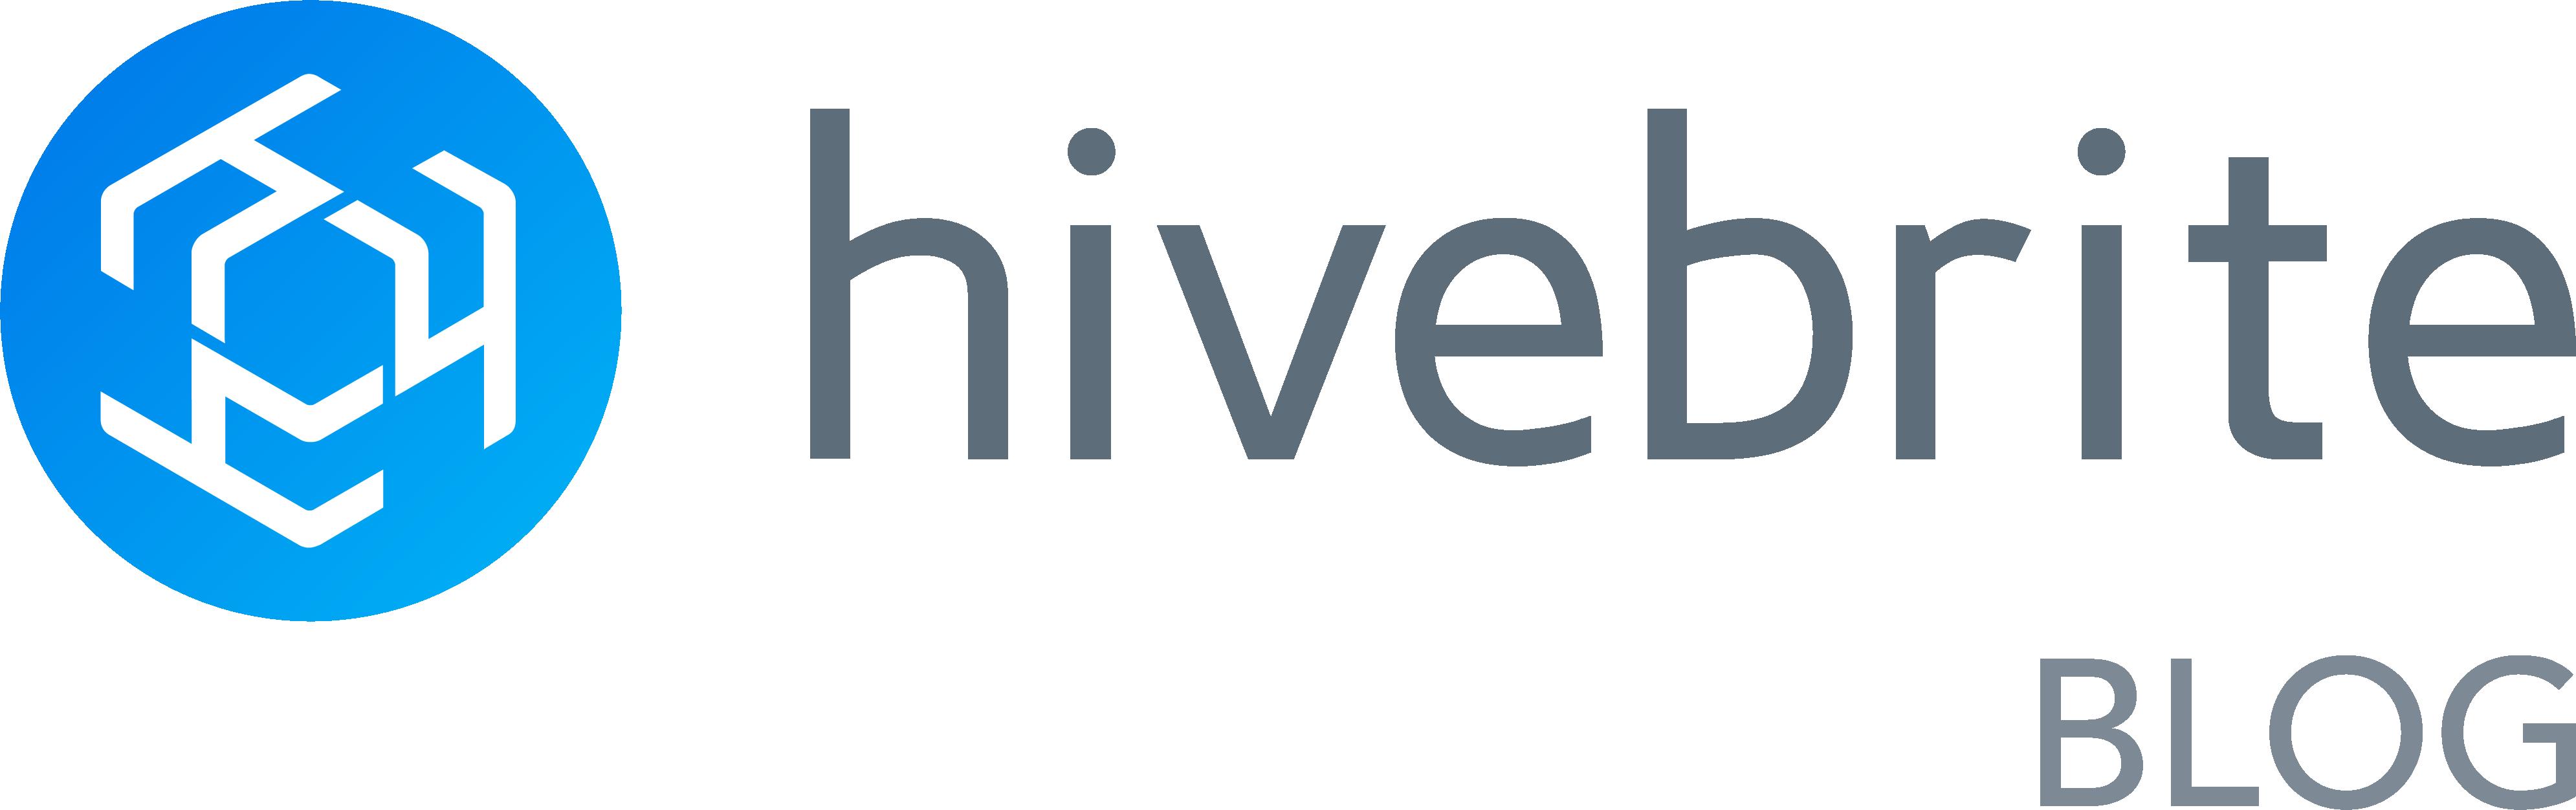 Hivebrite Blog Logo